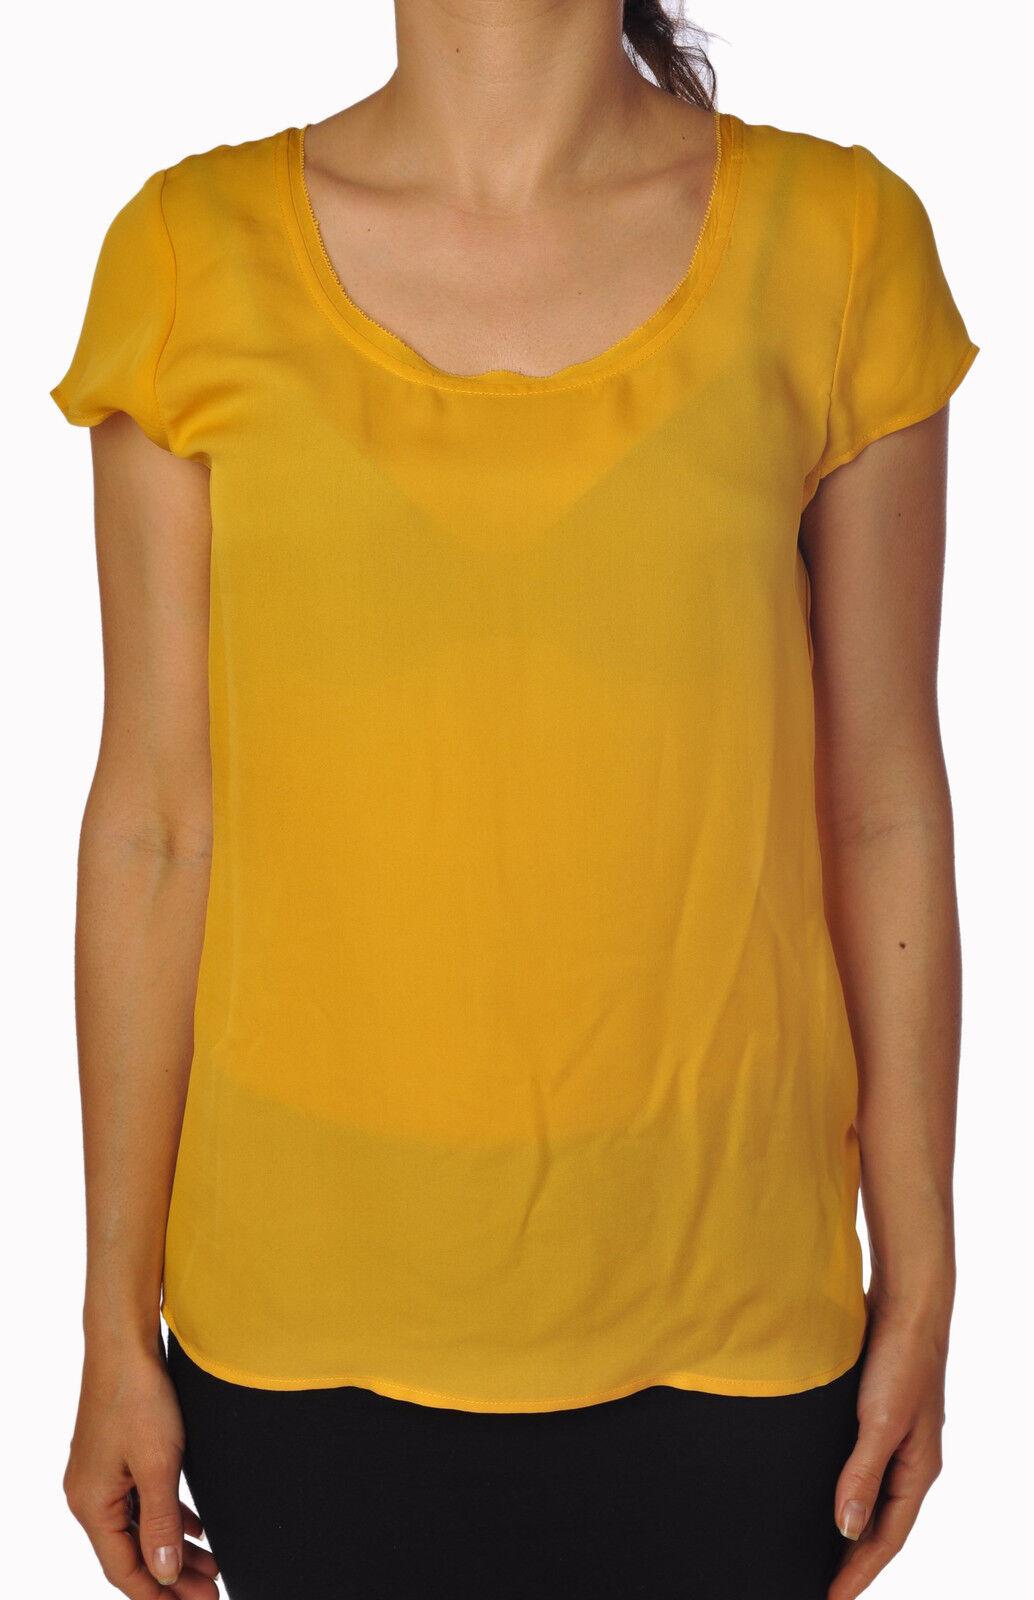 Liu-Jo - Topwear-T-shirts - woman - Gelb - 789817C184700